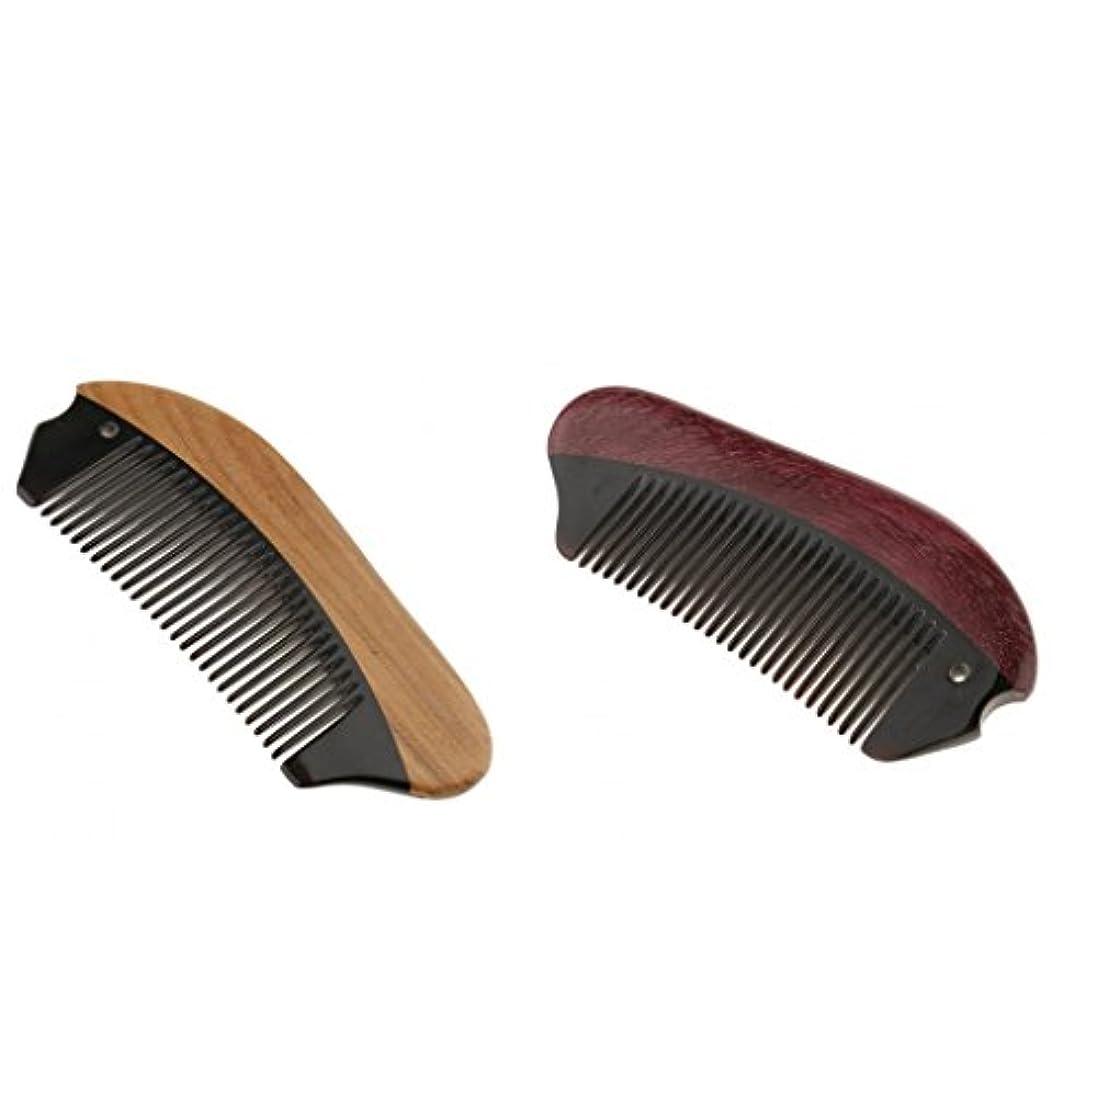 意図する振りかける主人CUTICATE 2本牛角木製細かい歯の非静的な頭皮マッサージポケットくし